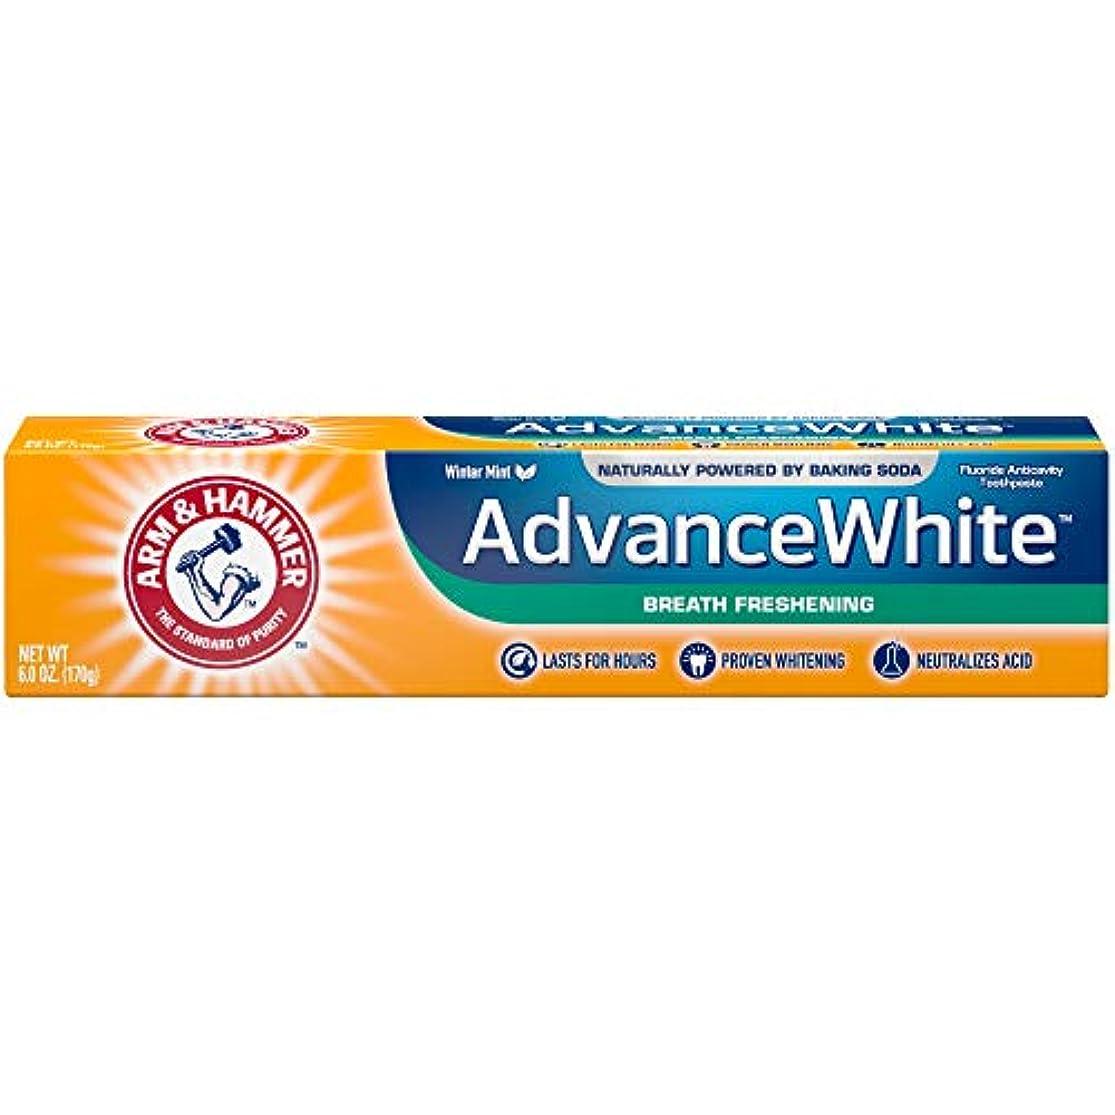 生きている戦争大声でアーム&ハマー アドバンス ホワイト 歯磨き粉 ブレス フレッシュニング 170g Advance White Breath Freshing Baking Soda & Frosted Mint